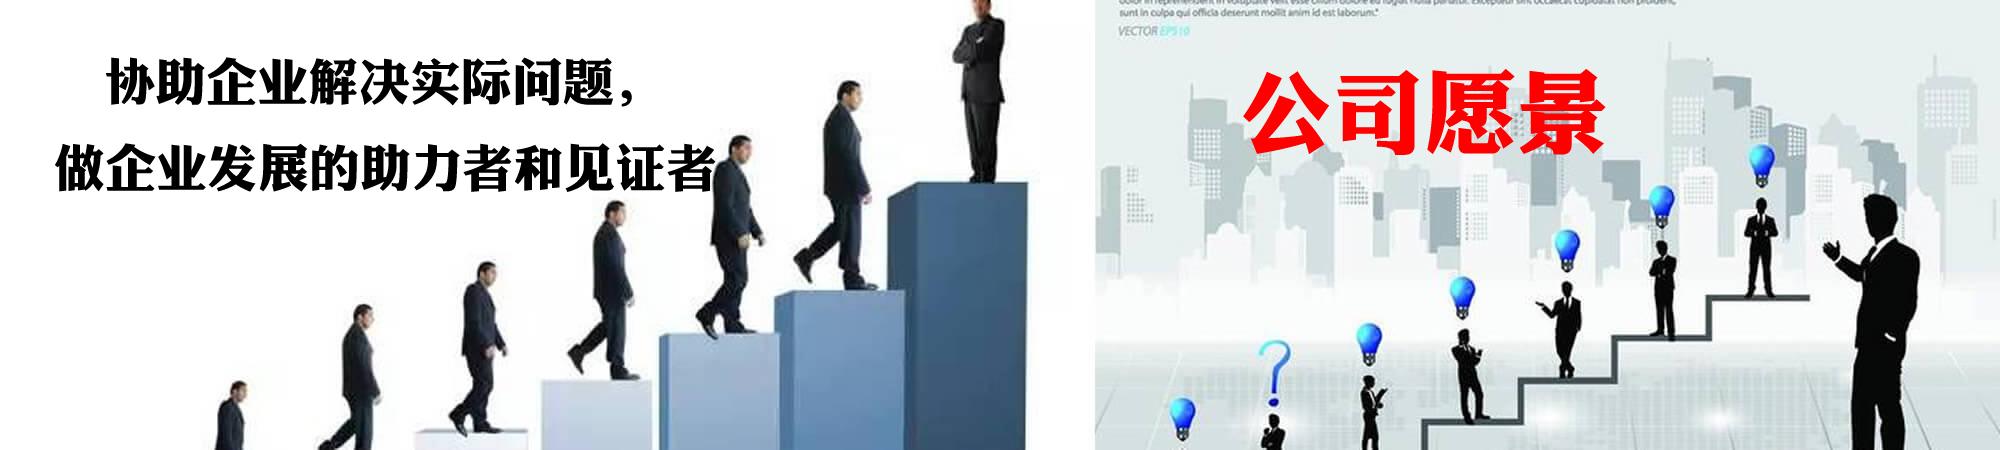 协助企业解决实际问题,做企业发展的助力者和见证者。